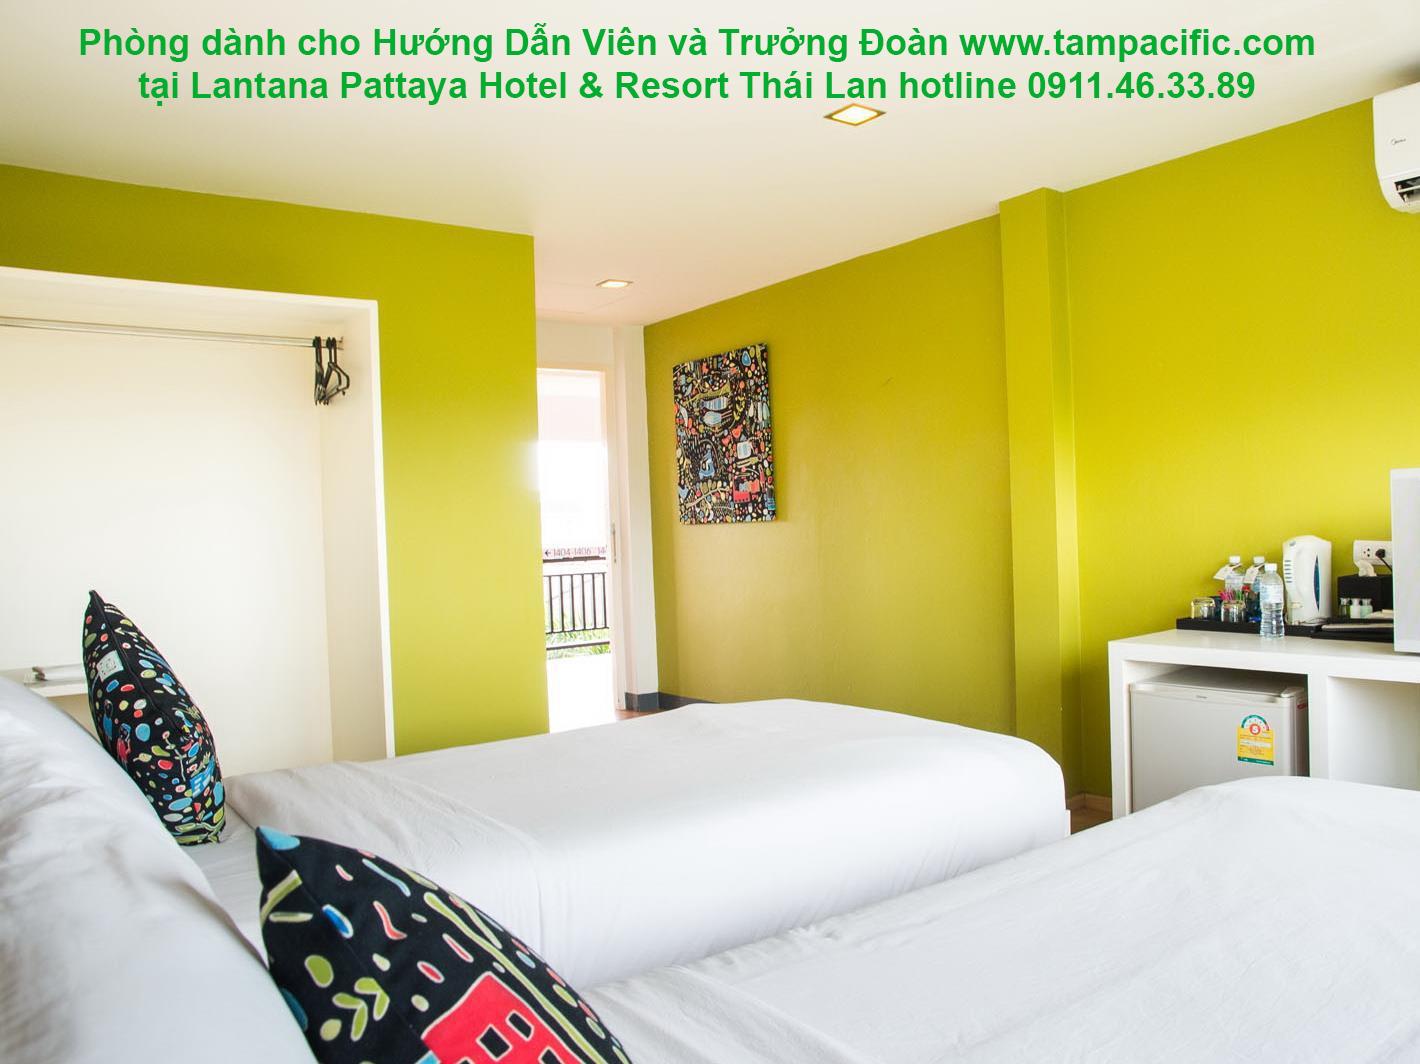 Khách sạn Lantana Pattaya Hotel & Resort tại Pattaya